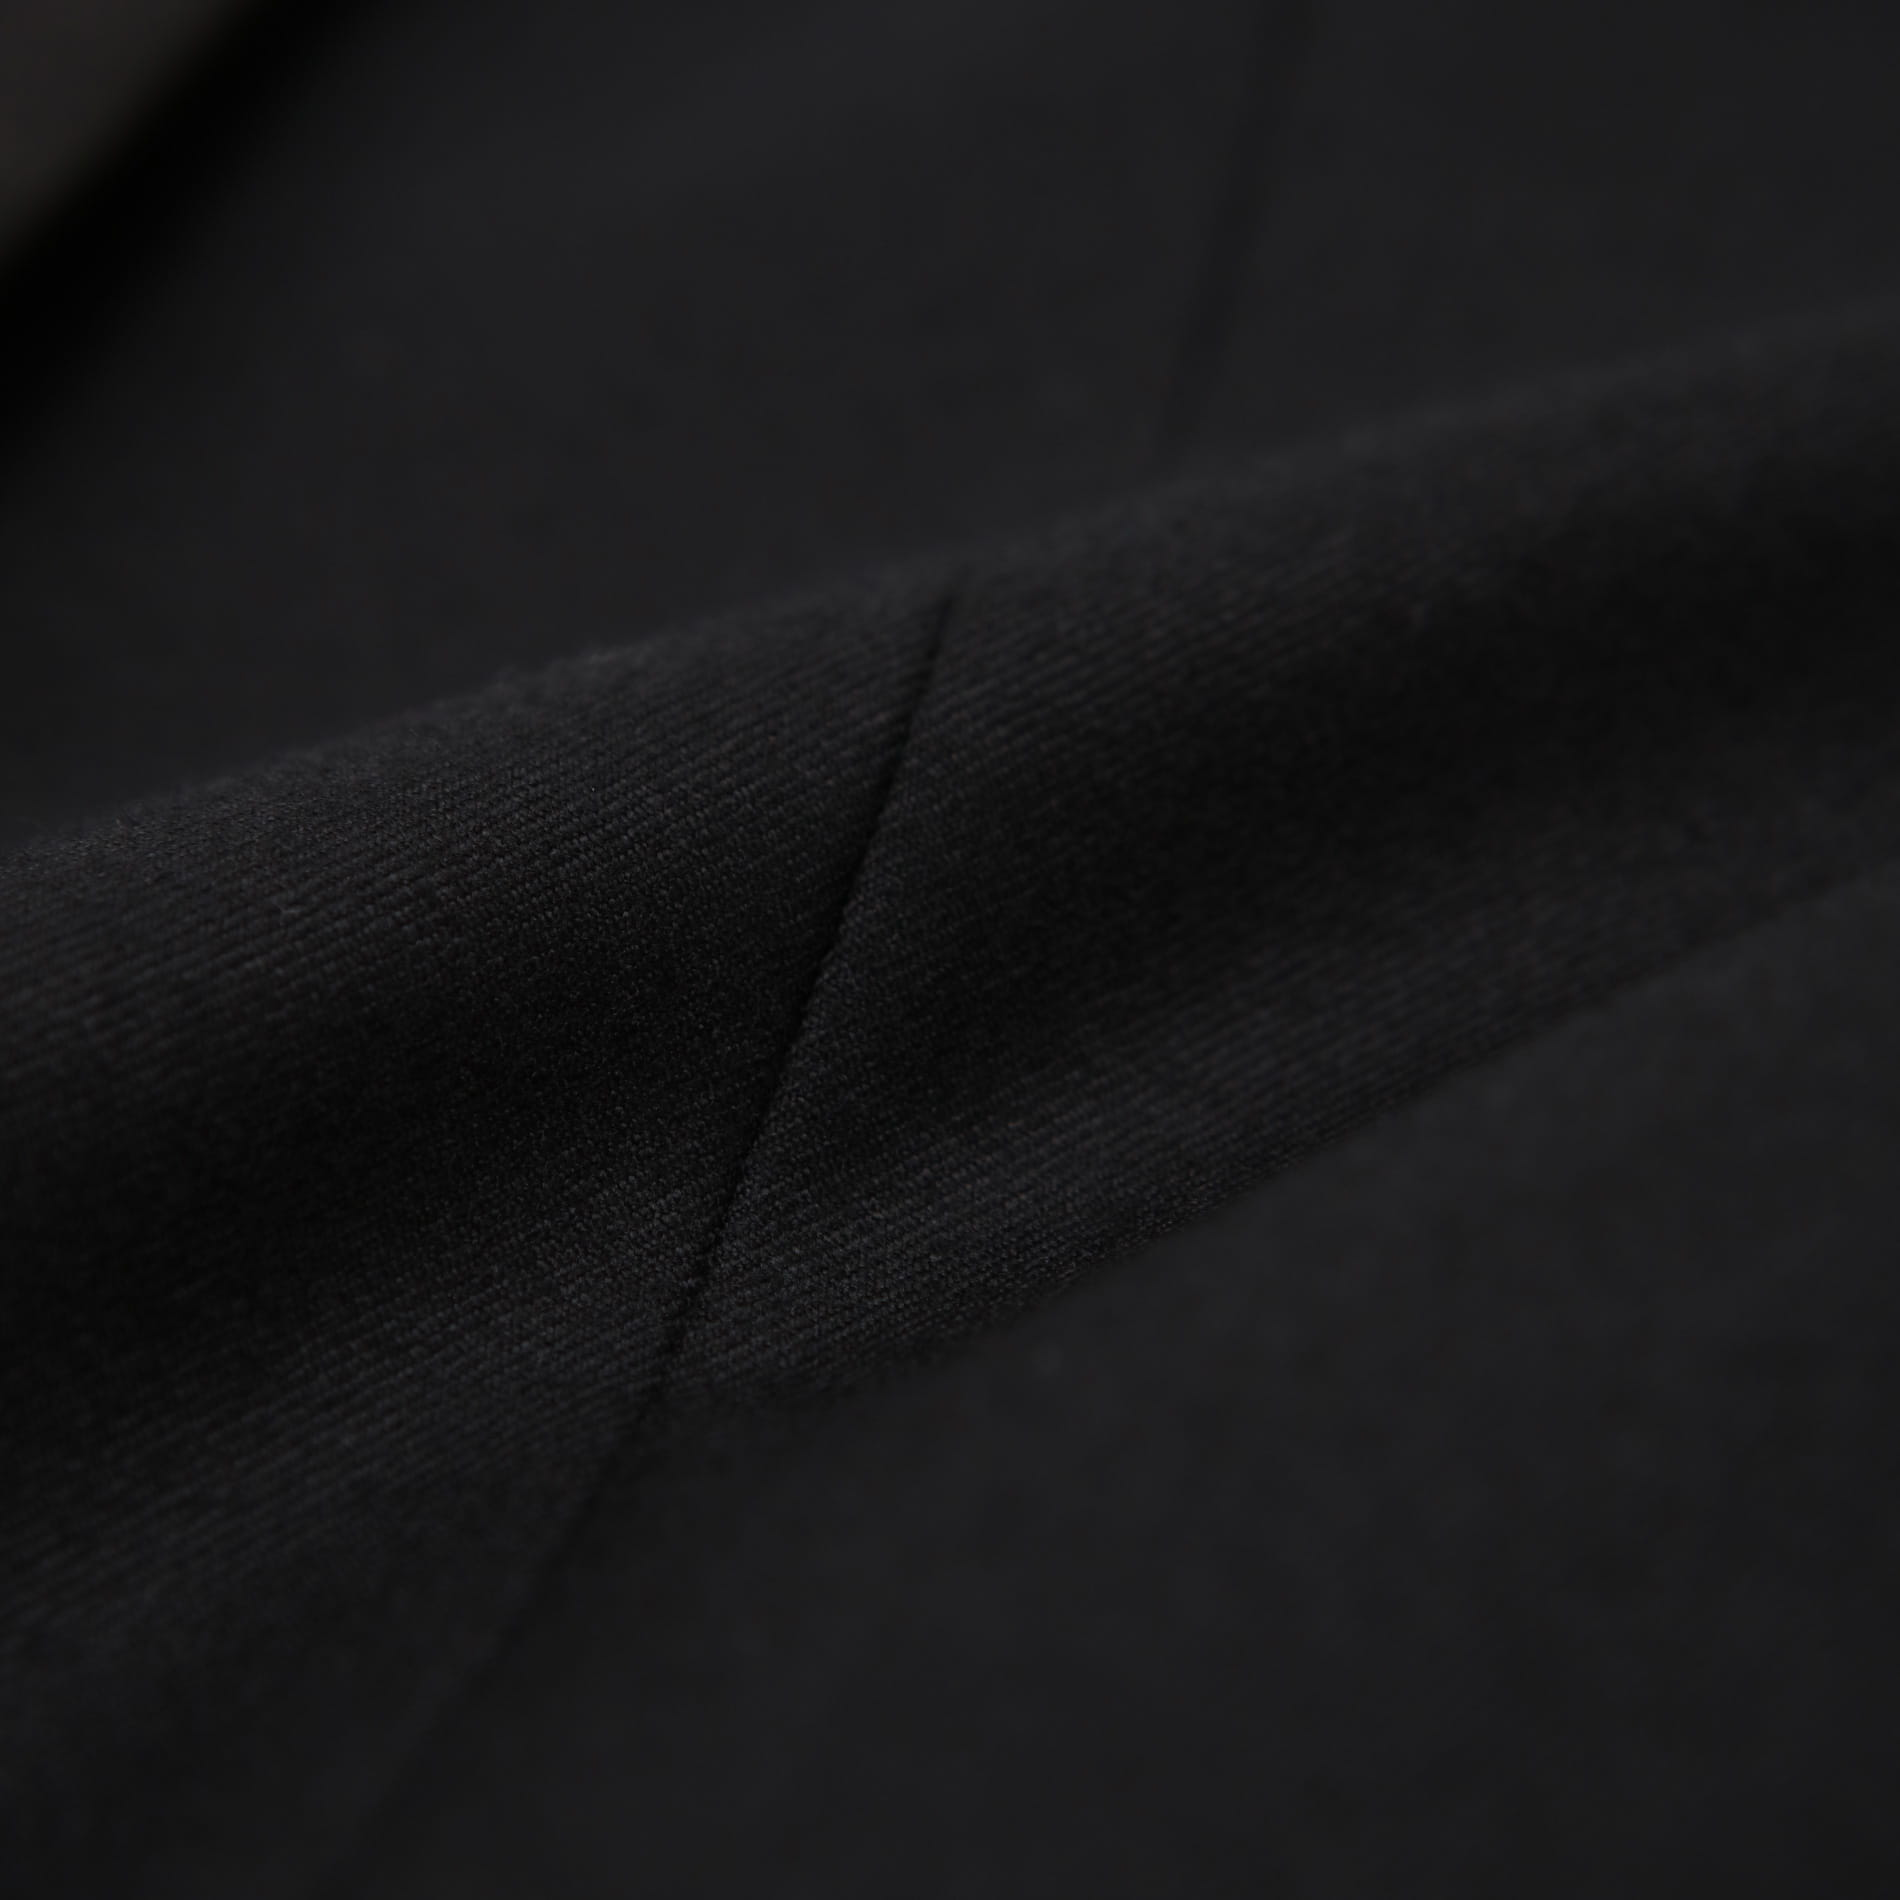 〈タイムセール〉ショールカラー タキシードジャケット